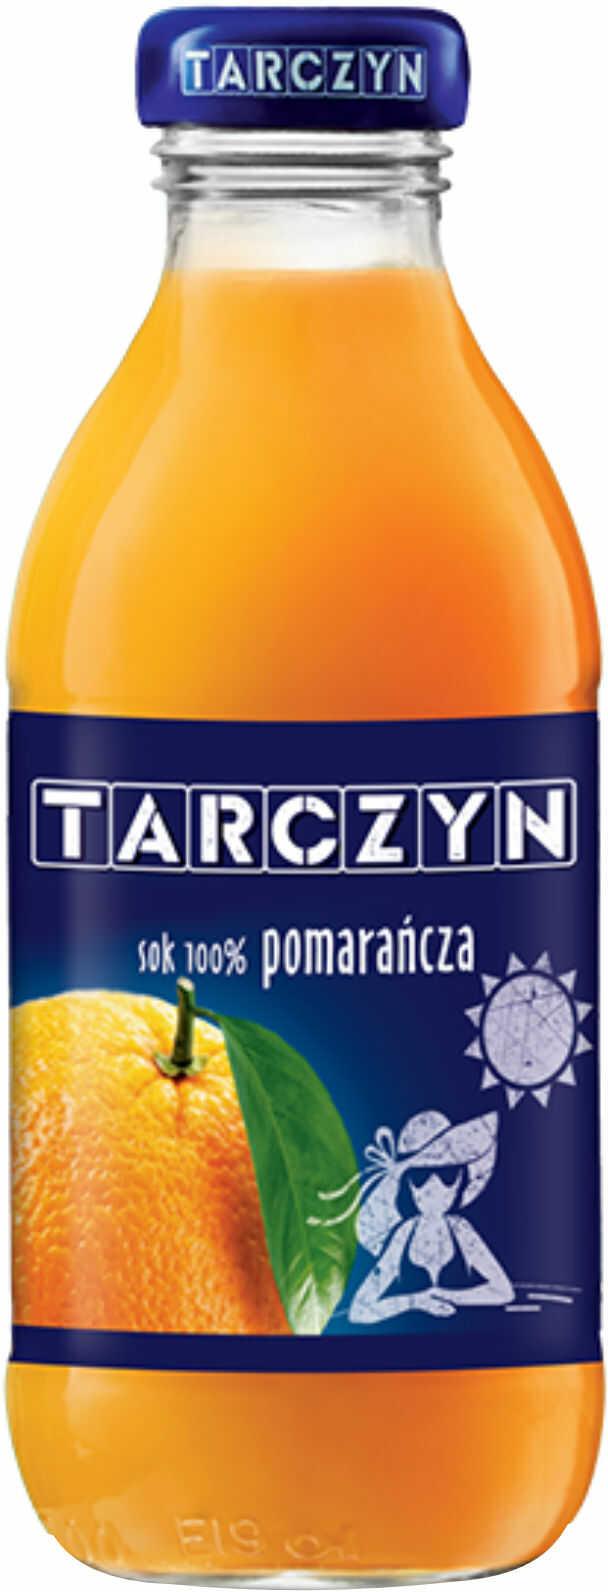 Sok 300ml pomarańczowy Tarczyn